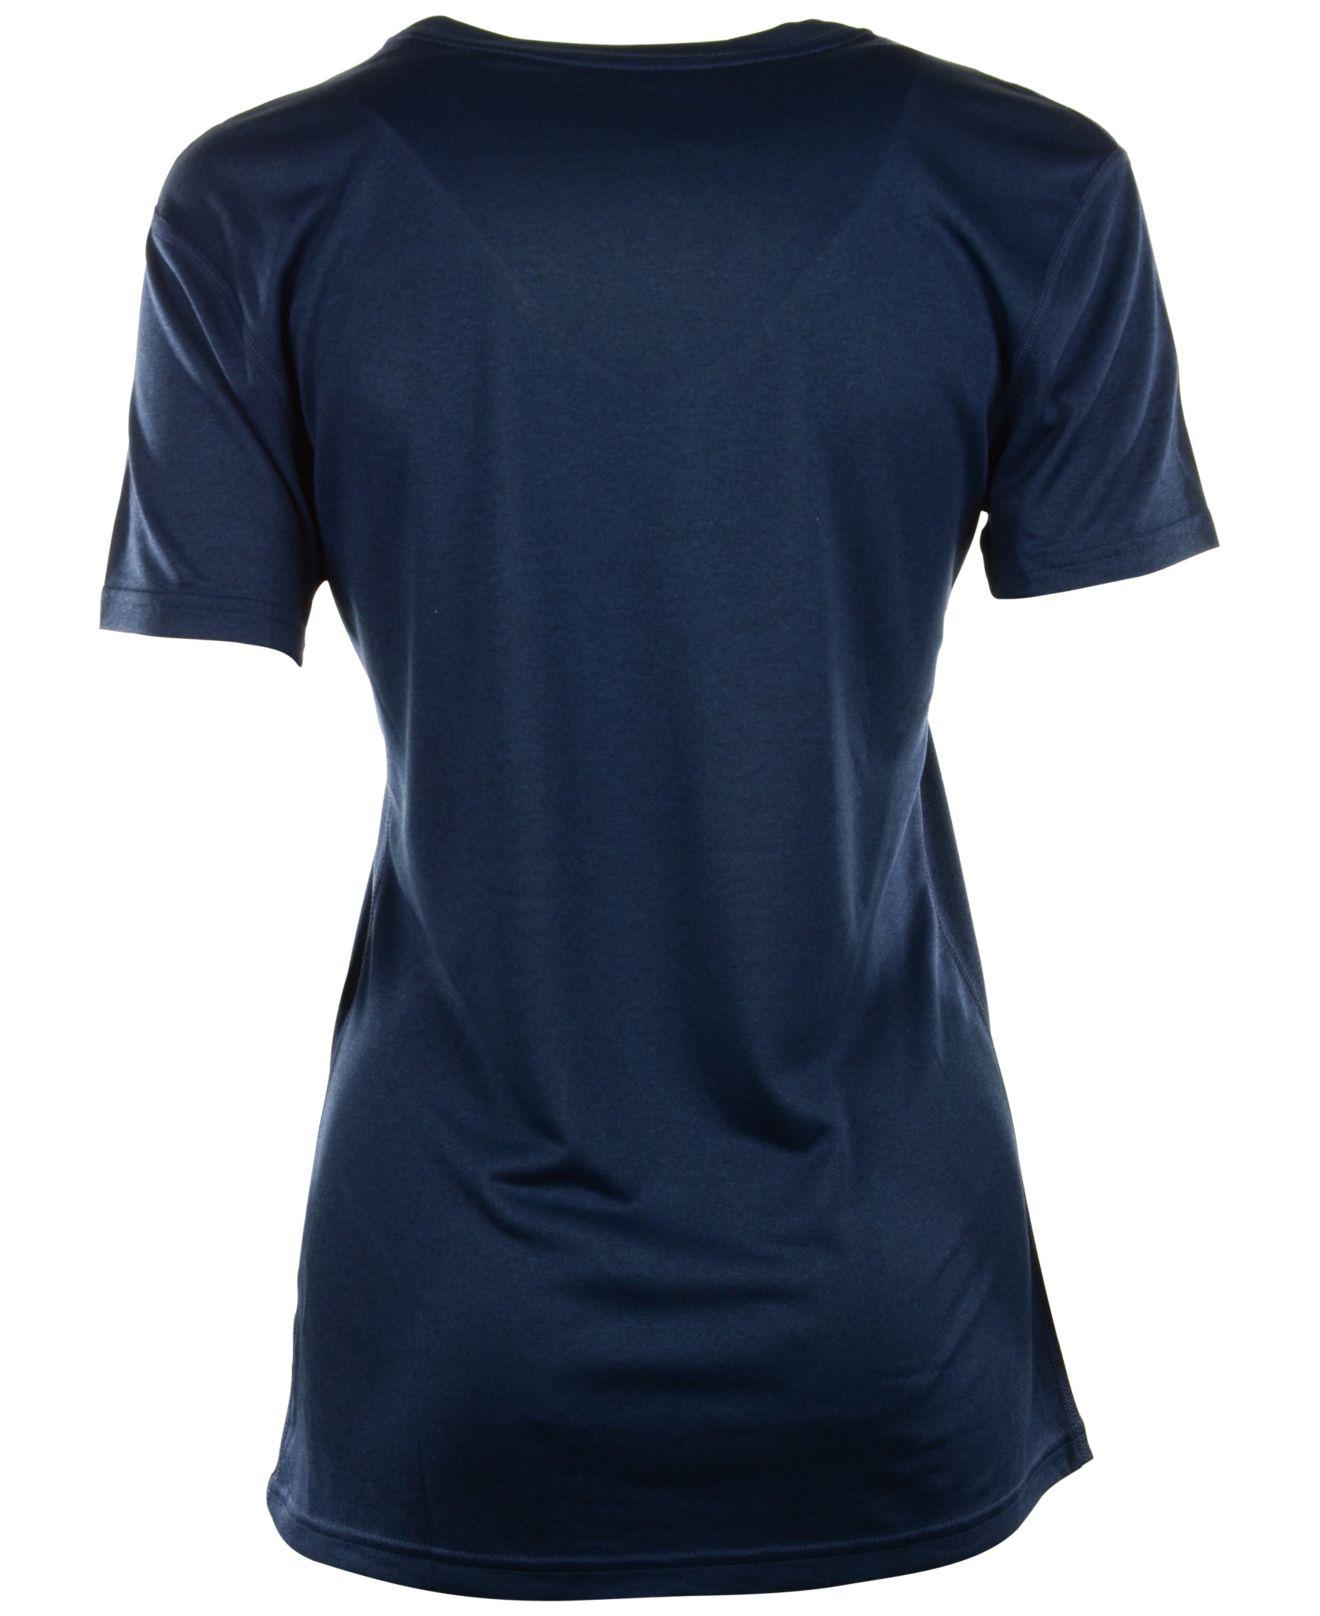 Lyst nike women 39 s new york yankees legend dri fit t for Nike dri fit t shirt ladies